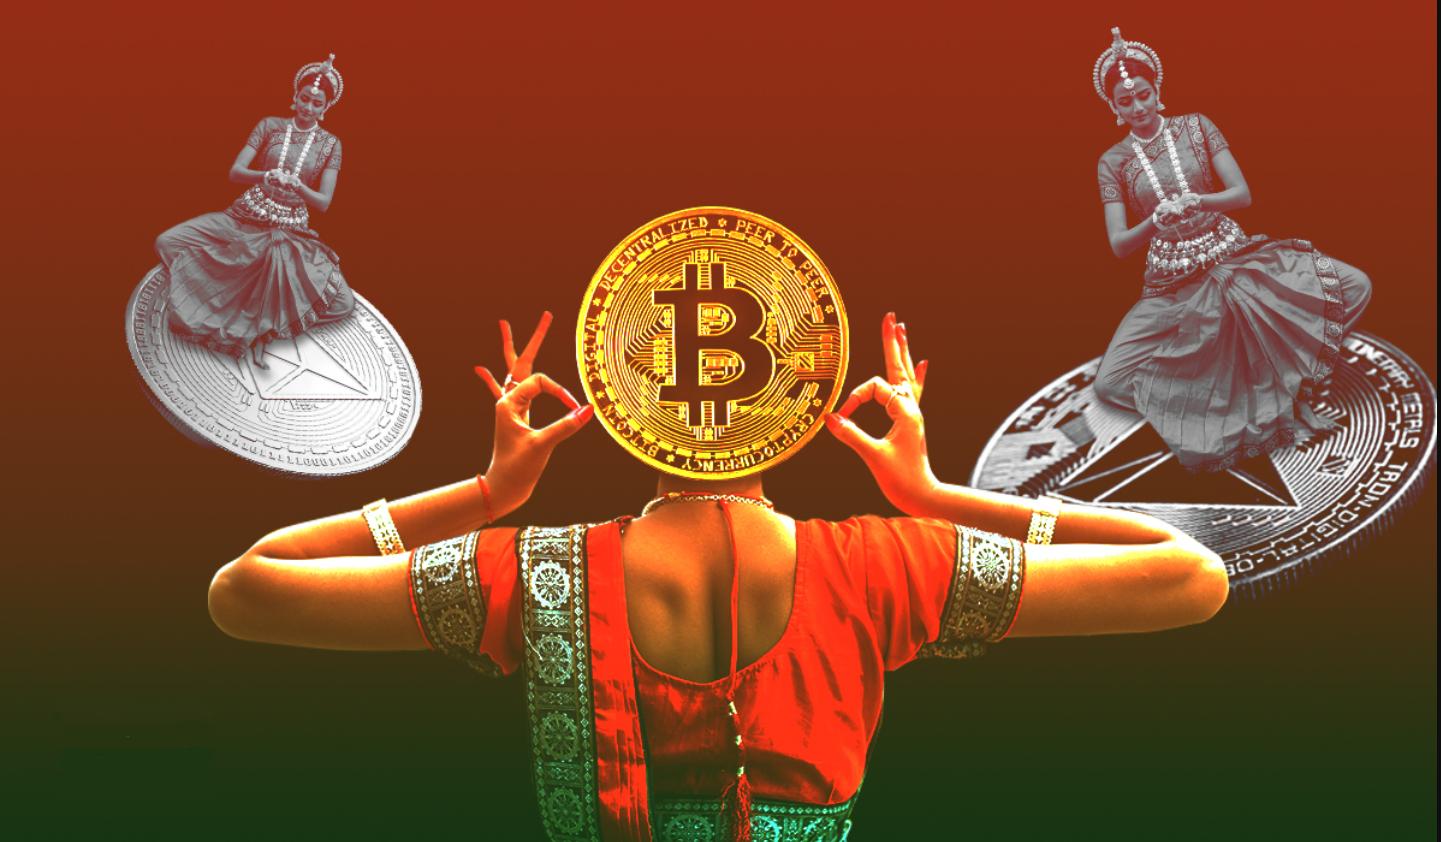 В Индии открыт филиал криптовалютной биржи CrossTower